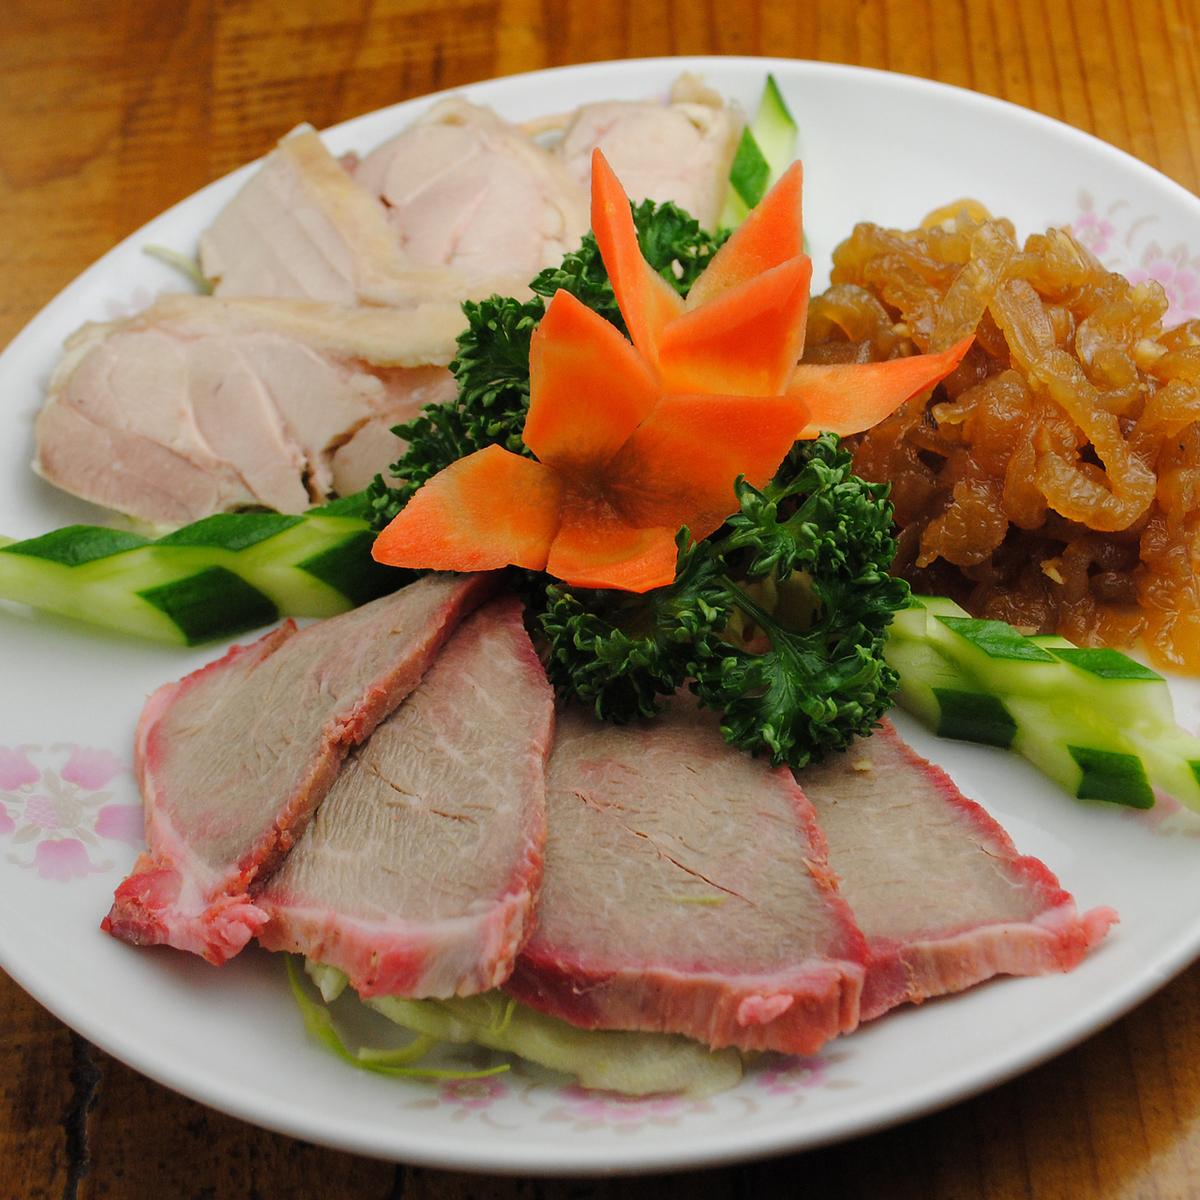 中華冷菜三種盛り合せ/ピータン豆腐